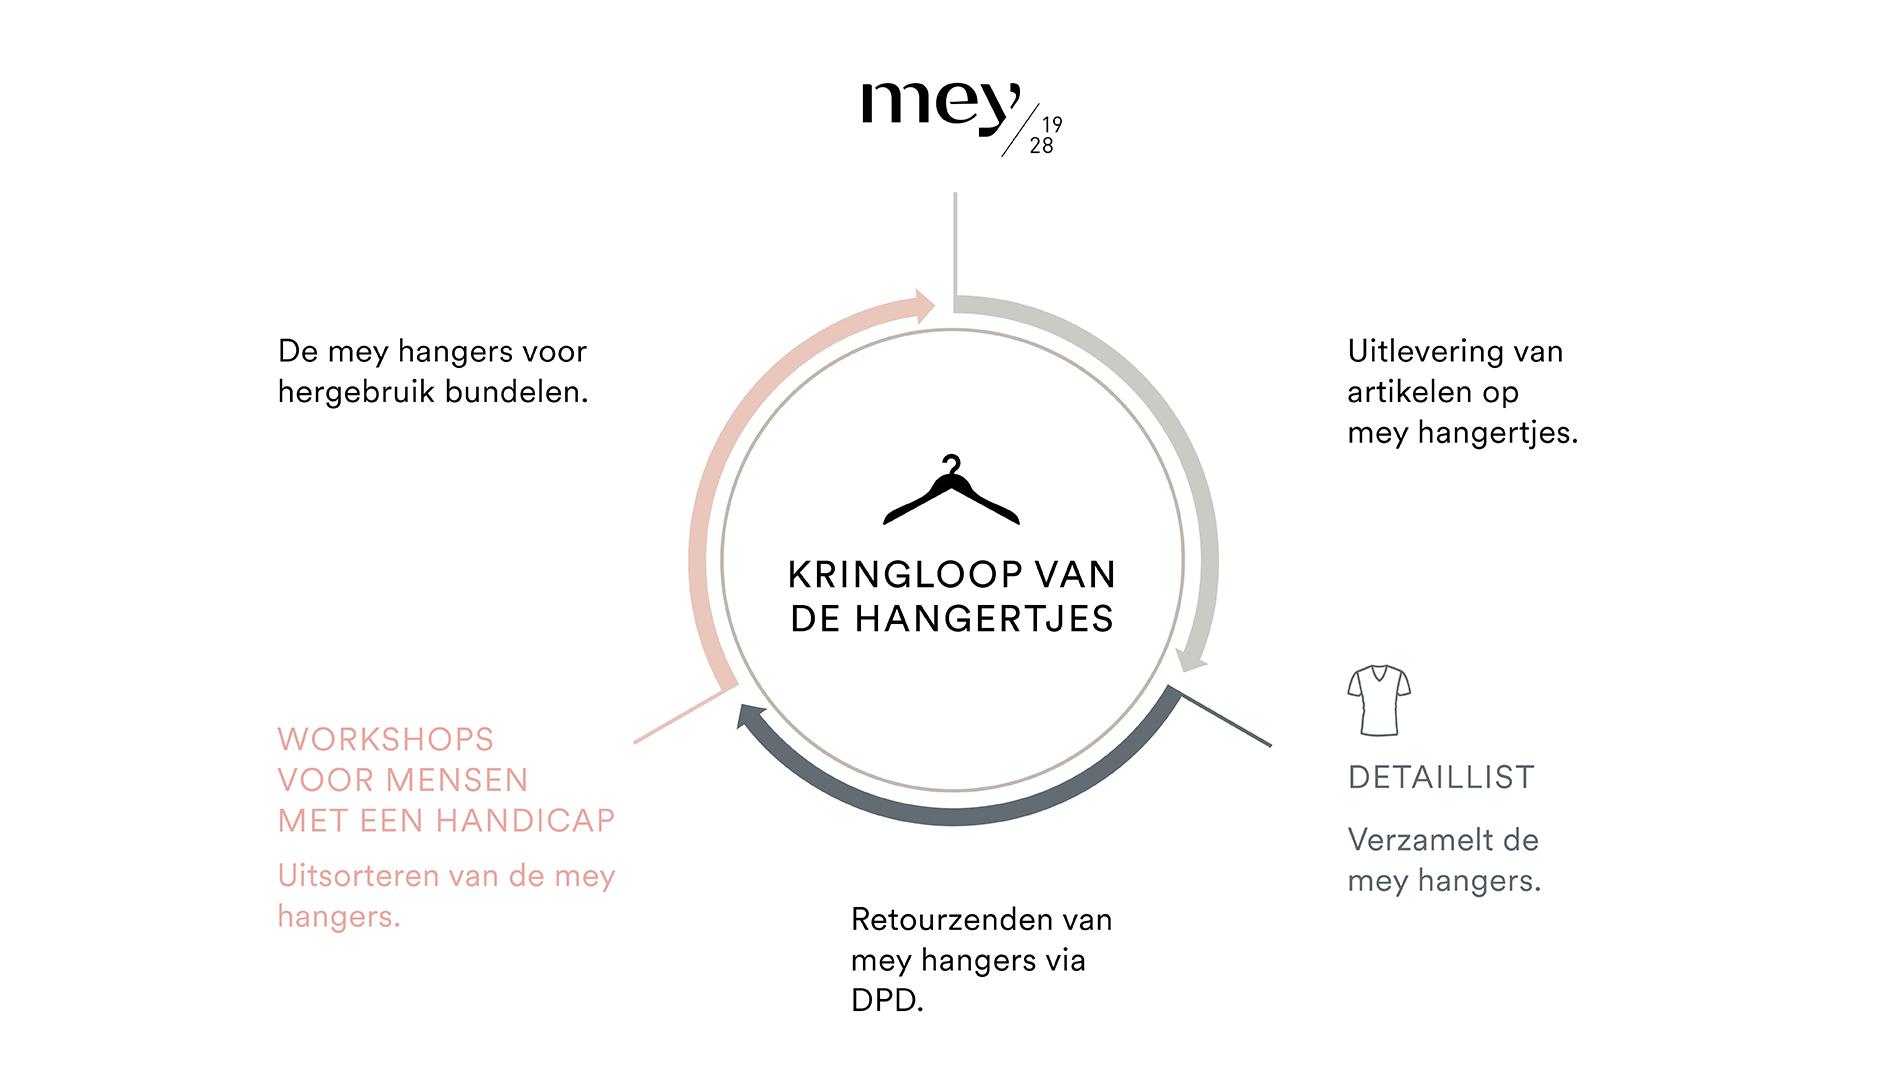 Afbeelding van de kleerhangerkringloop, de verschillende stappen worden als kringloop weergegeven | mey®